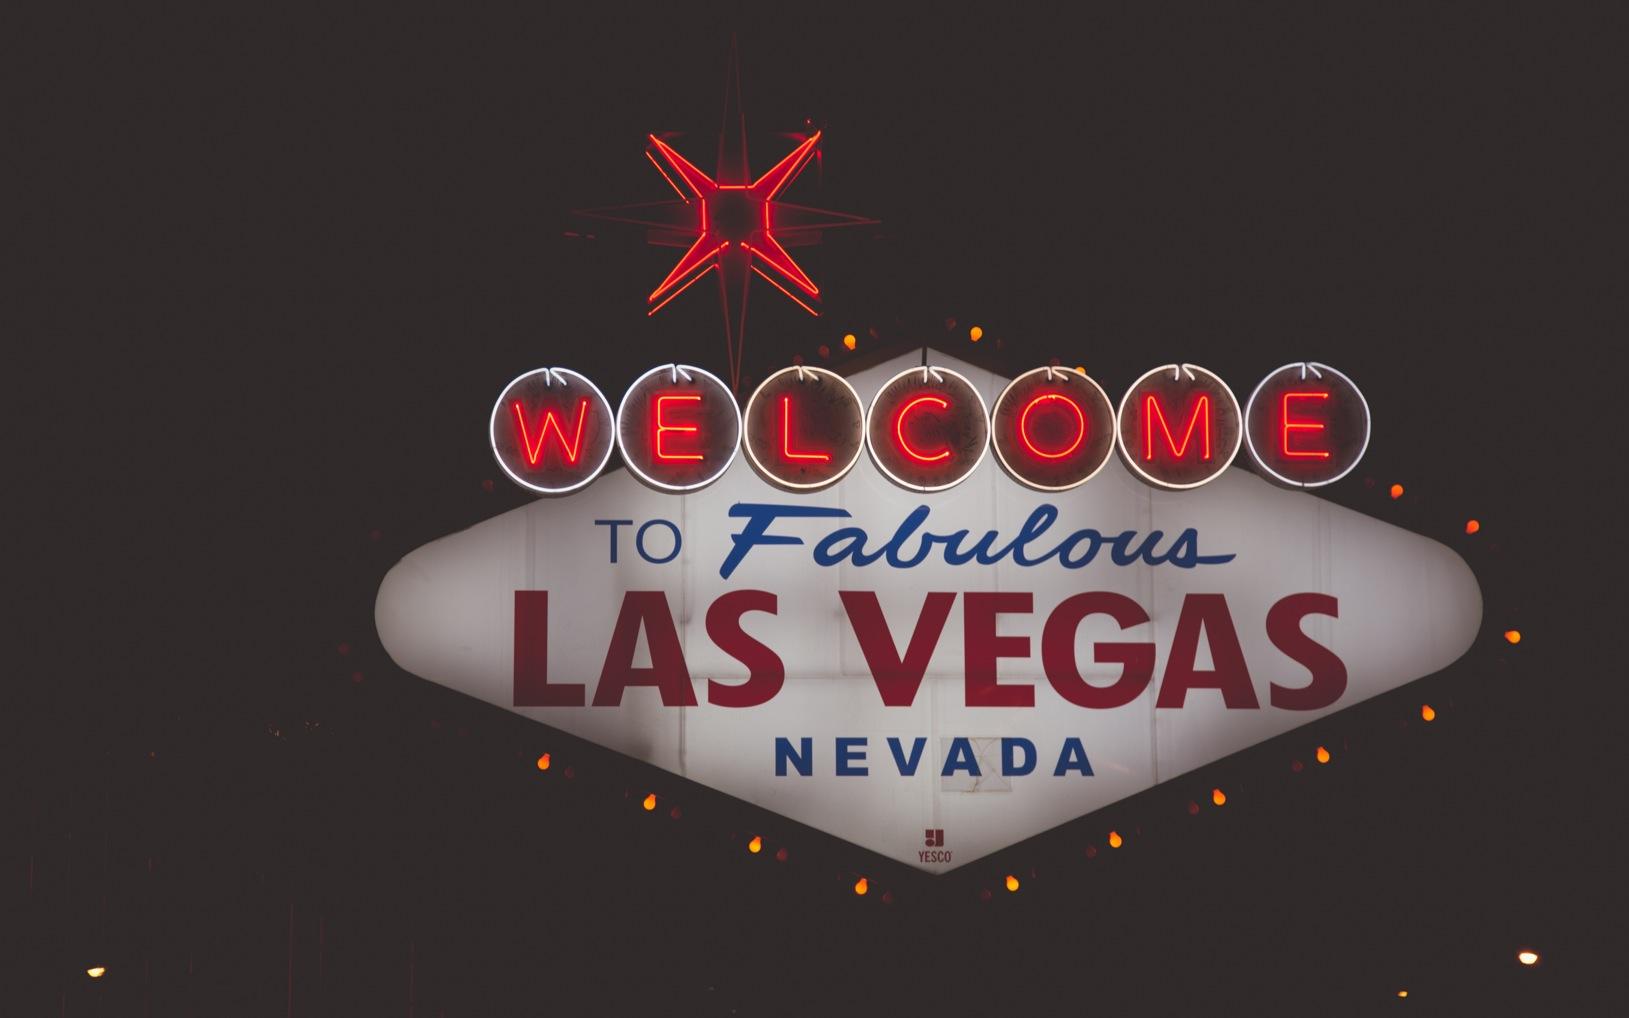 Grunde til at besøge Las Vegas